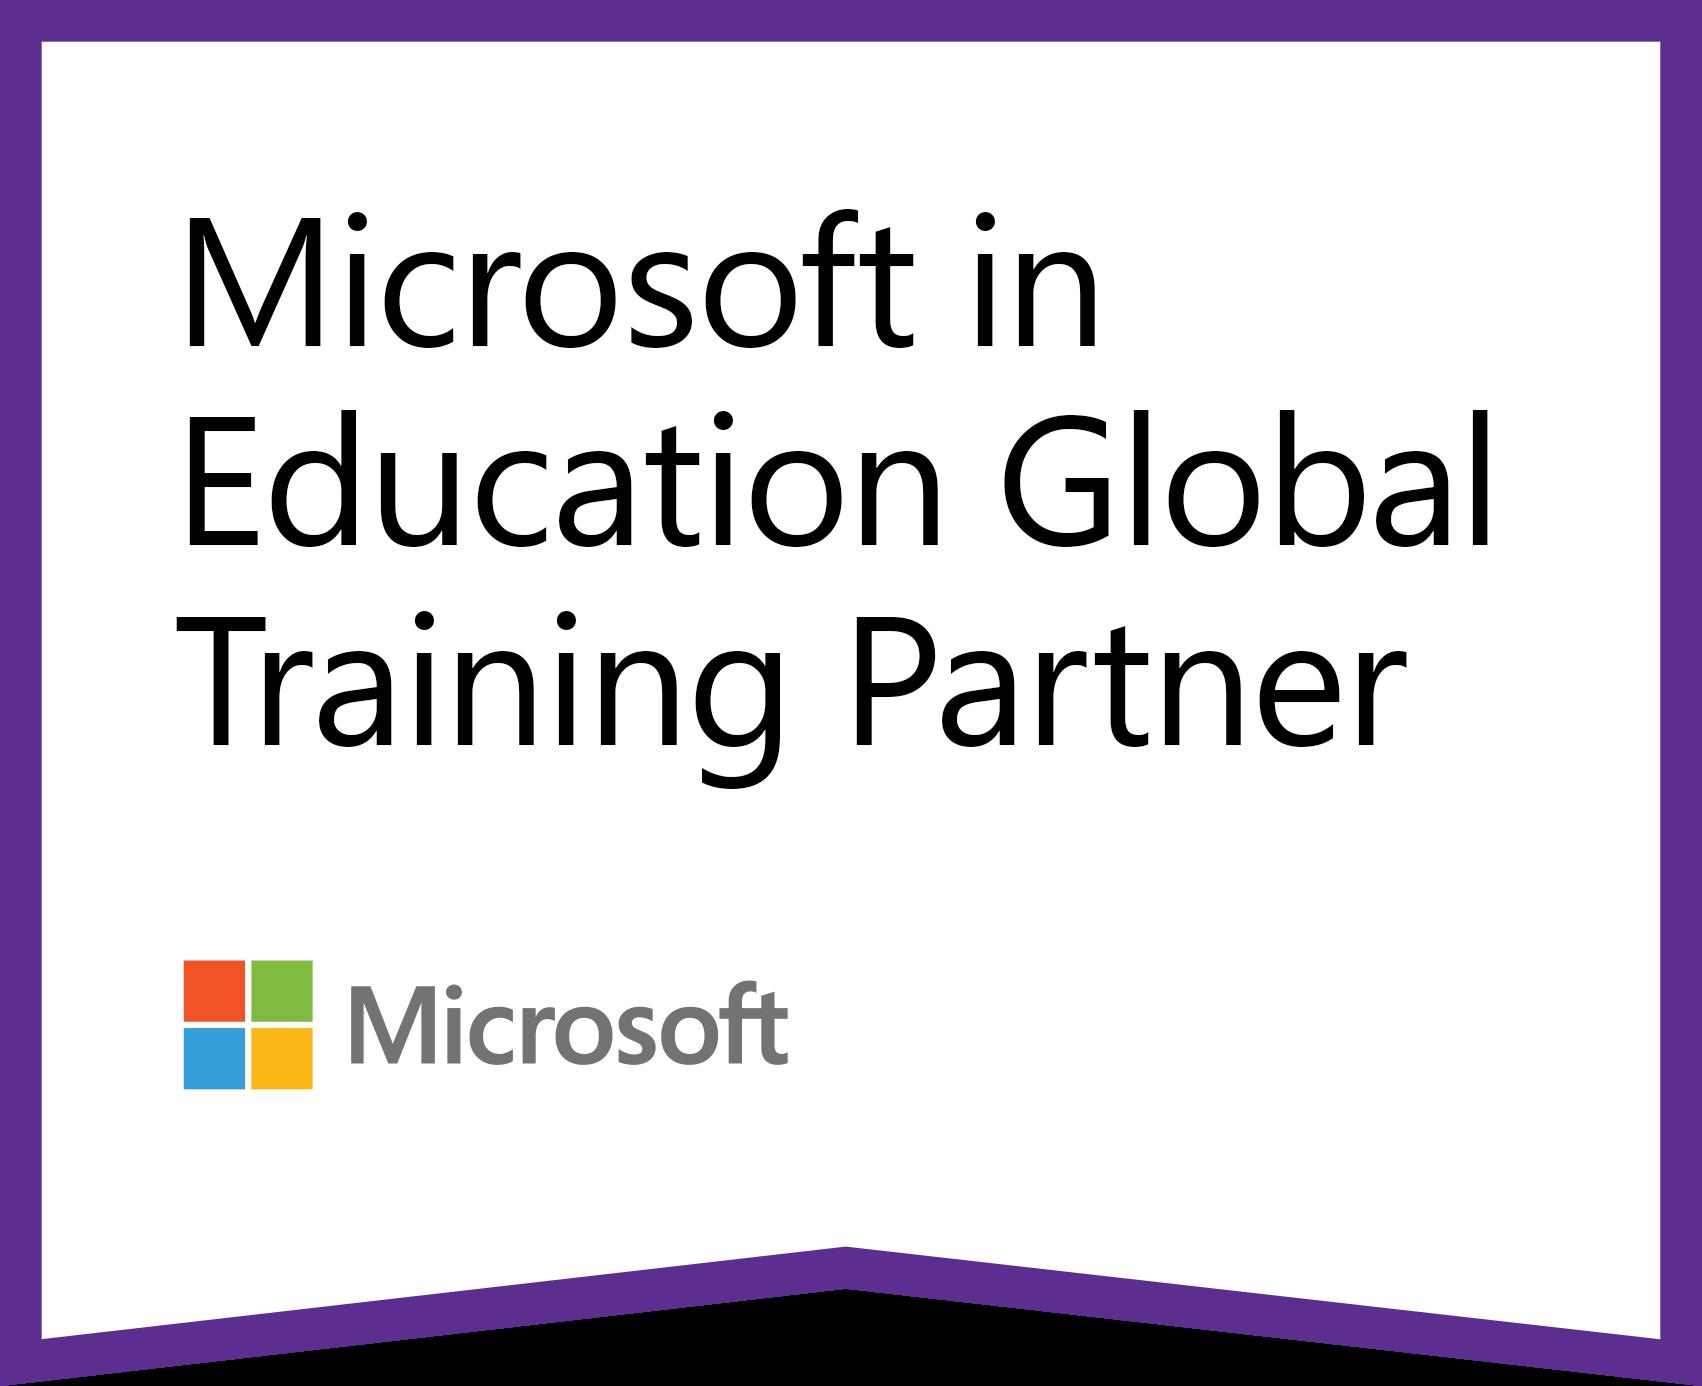 Todo el equipo de Aonia estamos de celebración. ¡Nos hemos convertido en Global Trainer Partner de Microsoft Education!